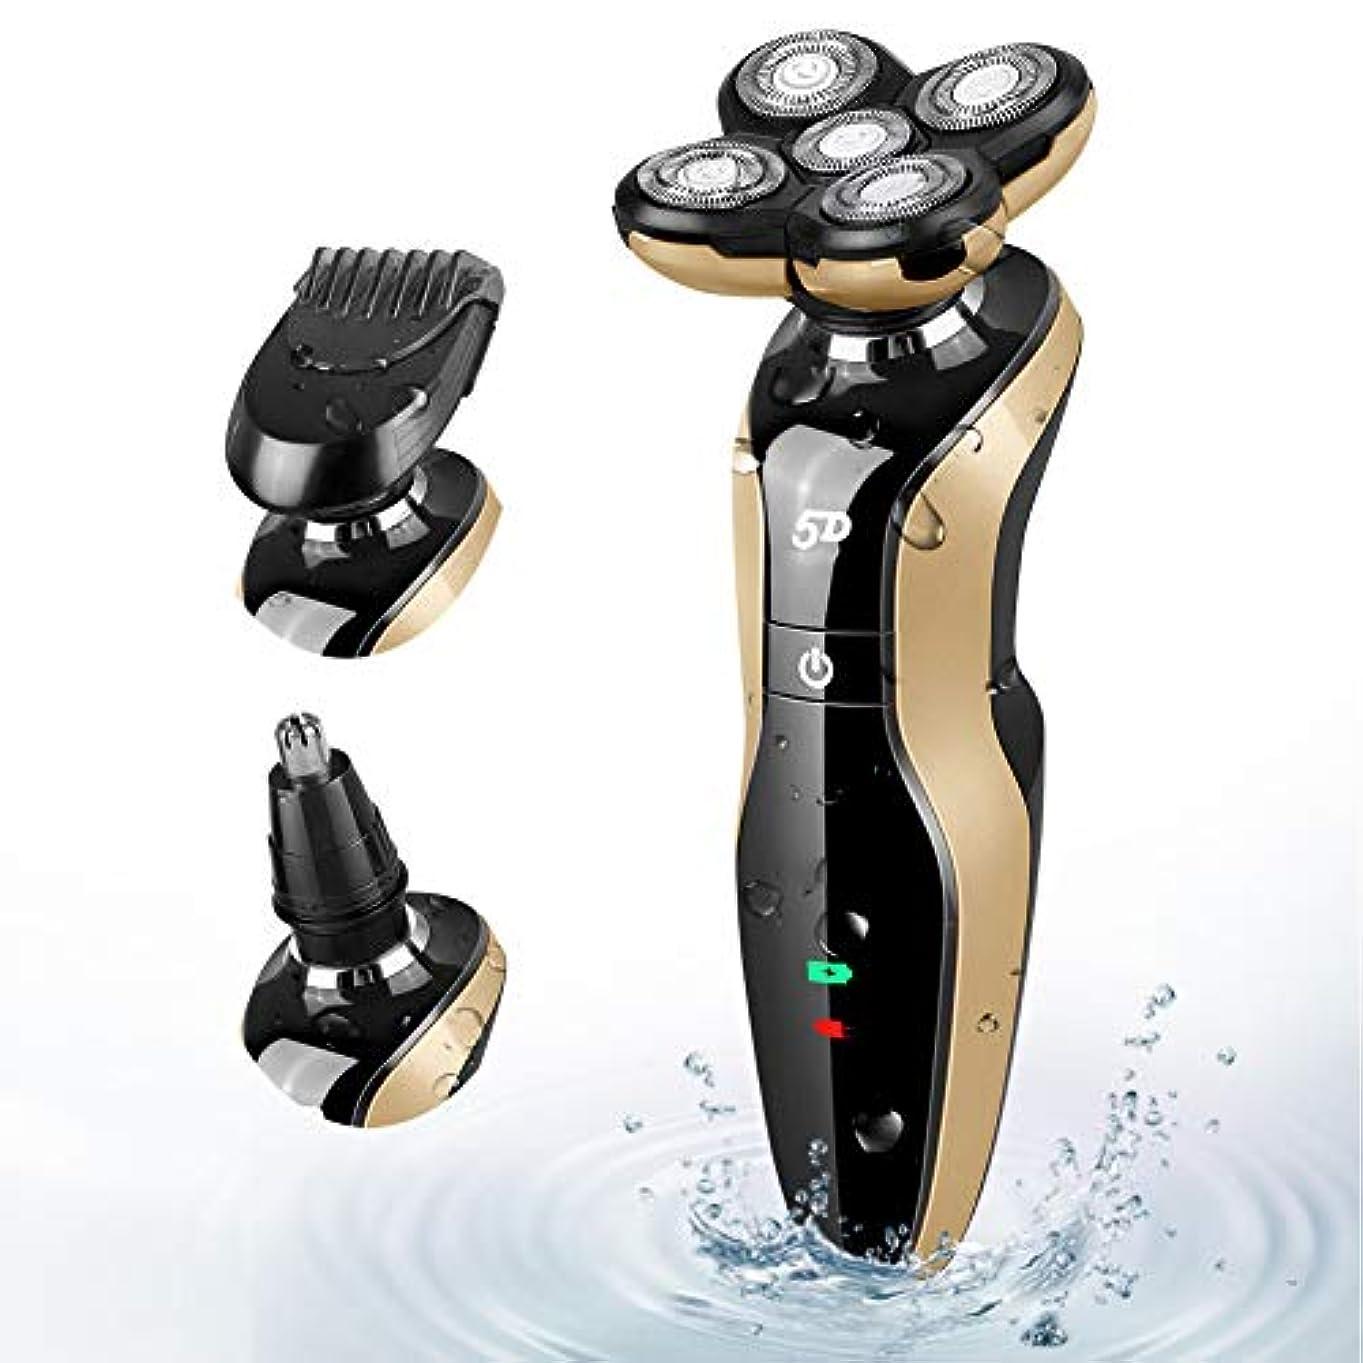 半径過激派重なる電気シェーバー - 5Dカッターヘッド強力な電気シェーバー USB 本体洗えるフローティングシェービングスマートカミソリ